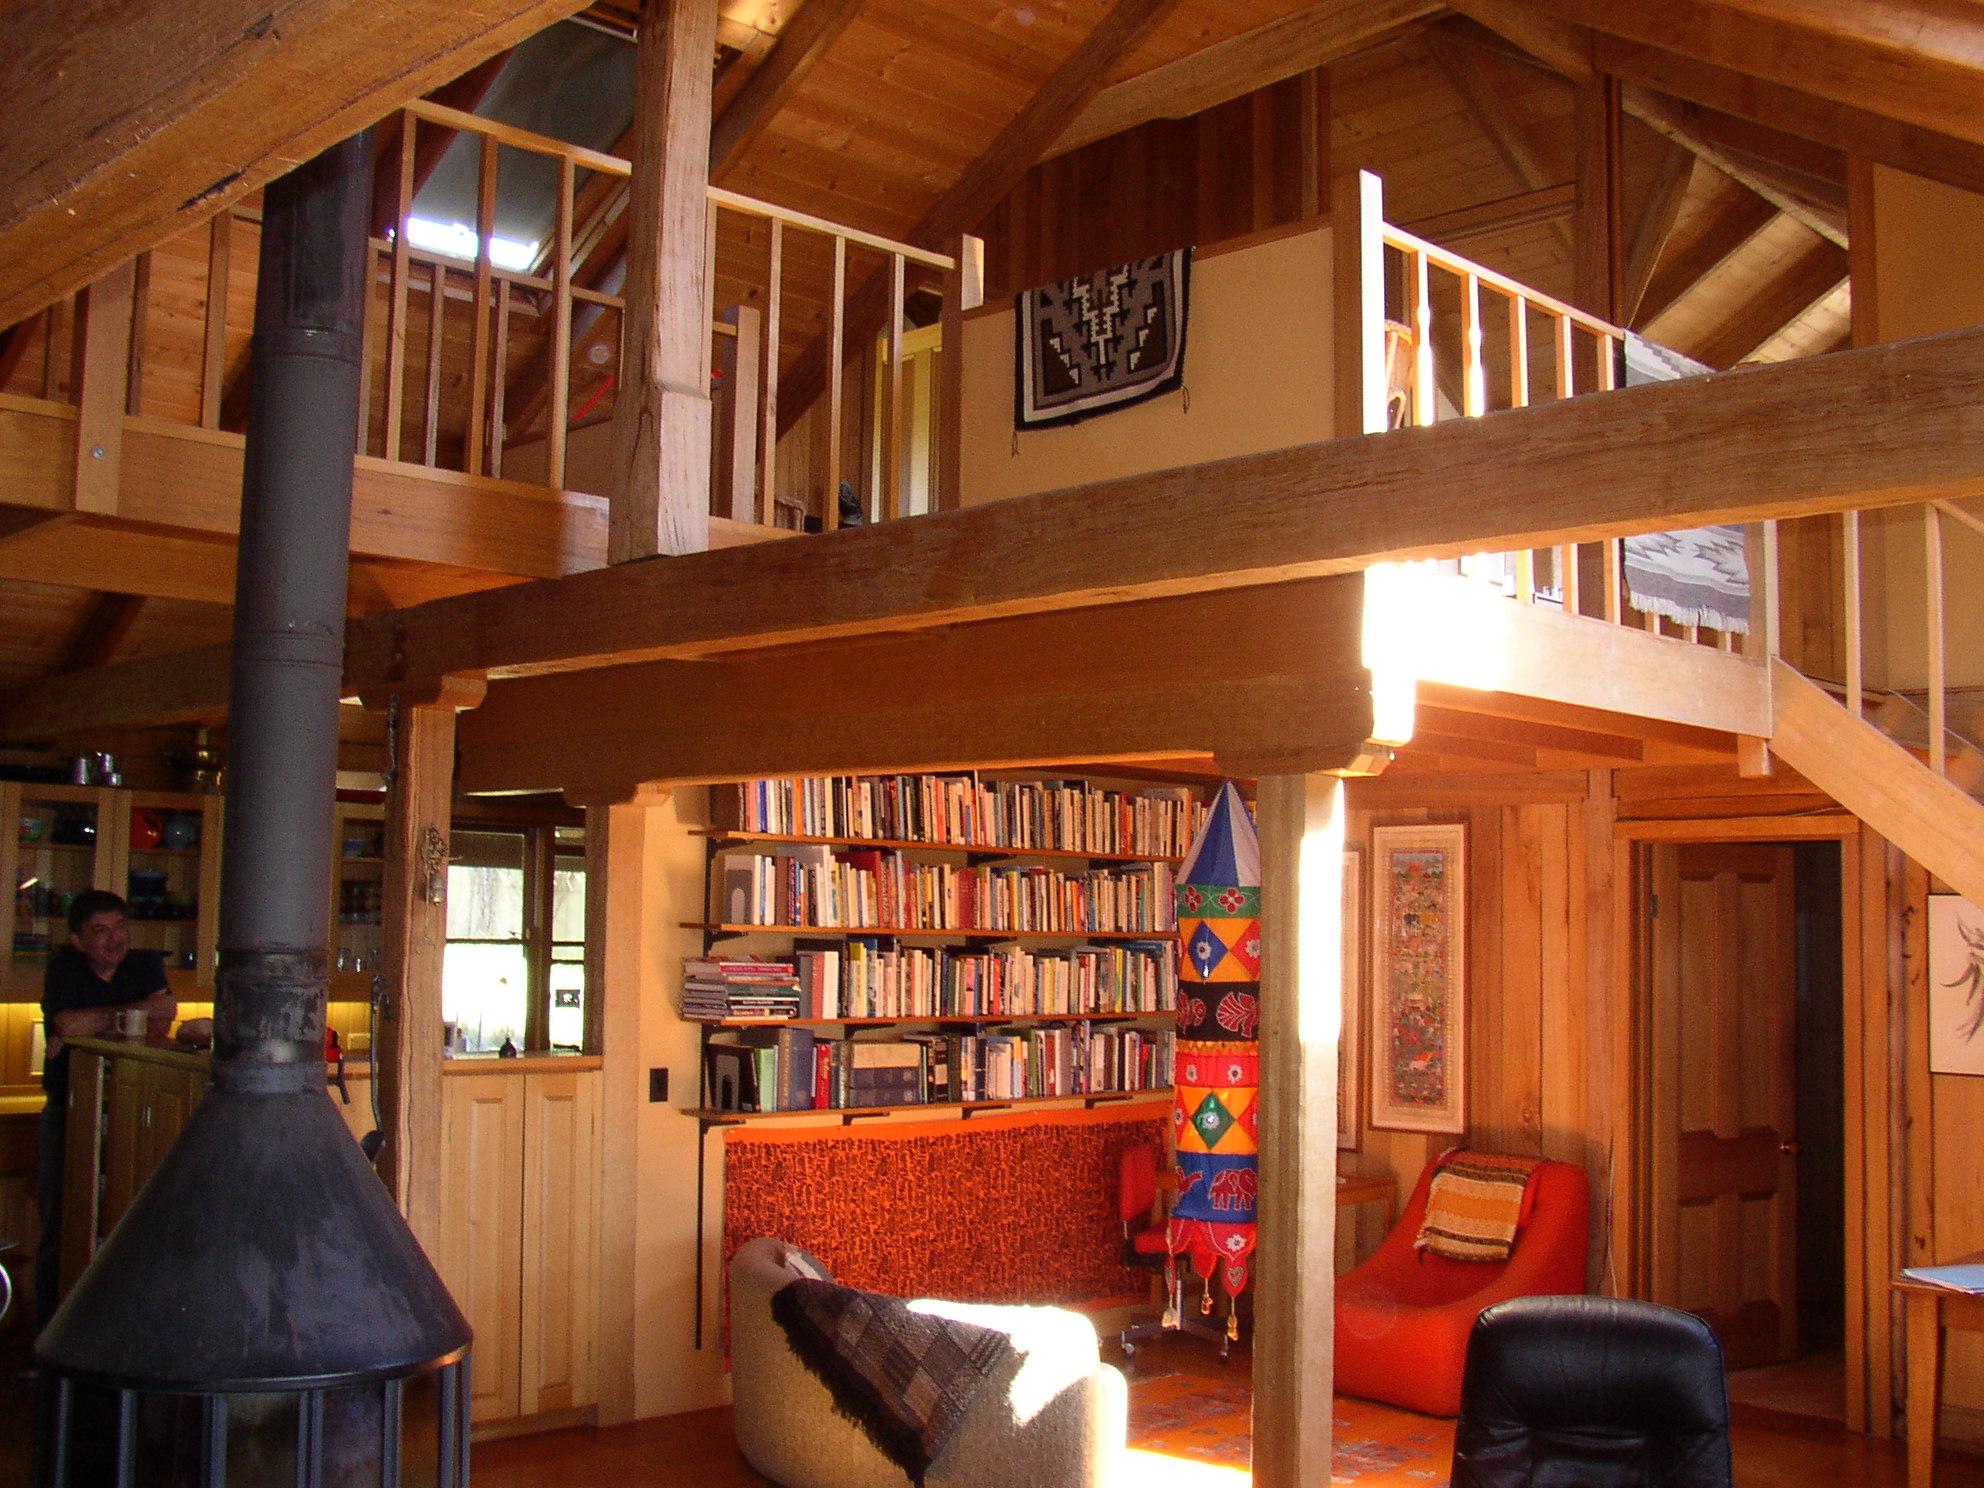 interior main room.jpg